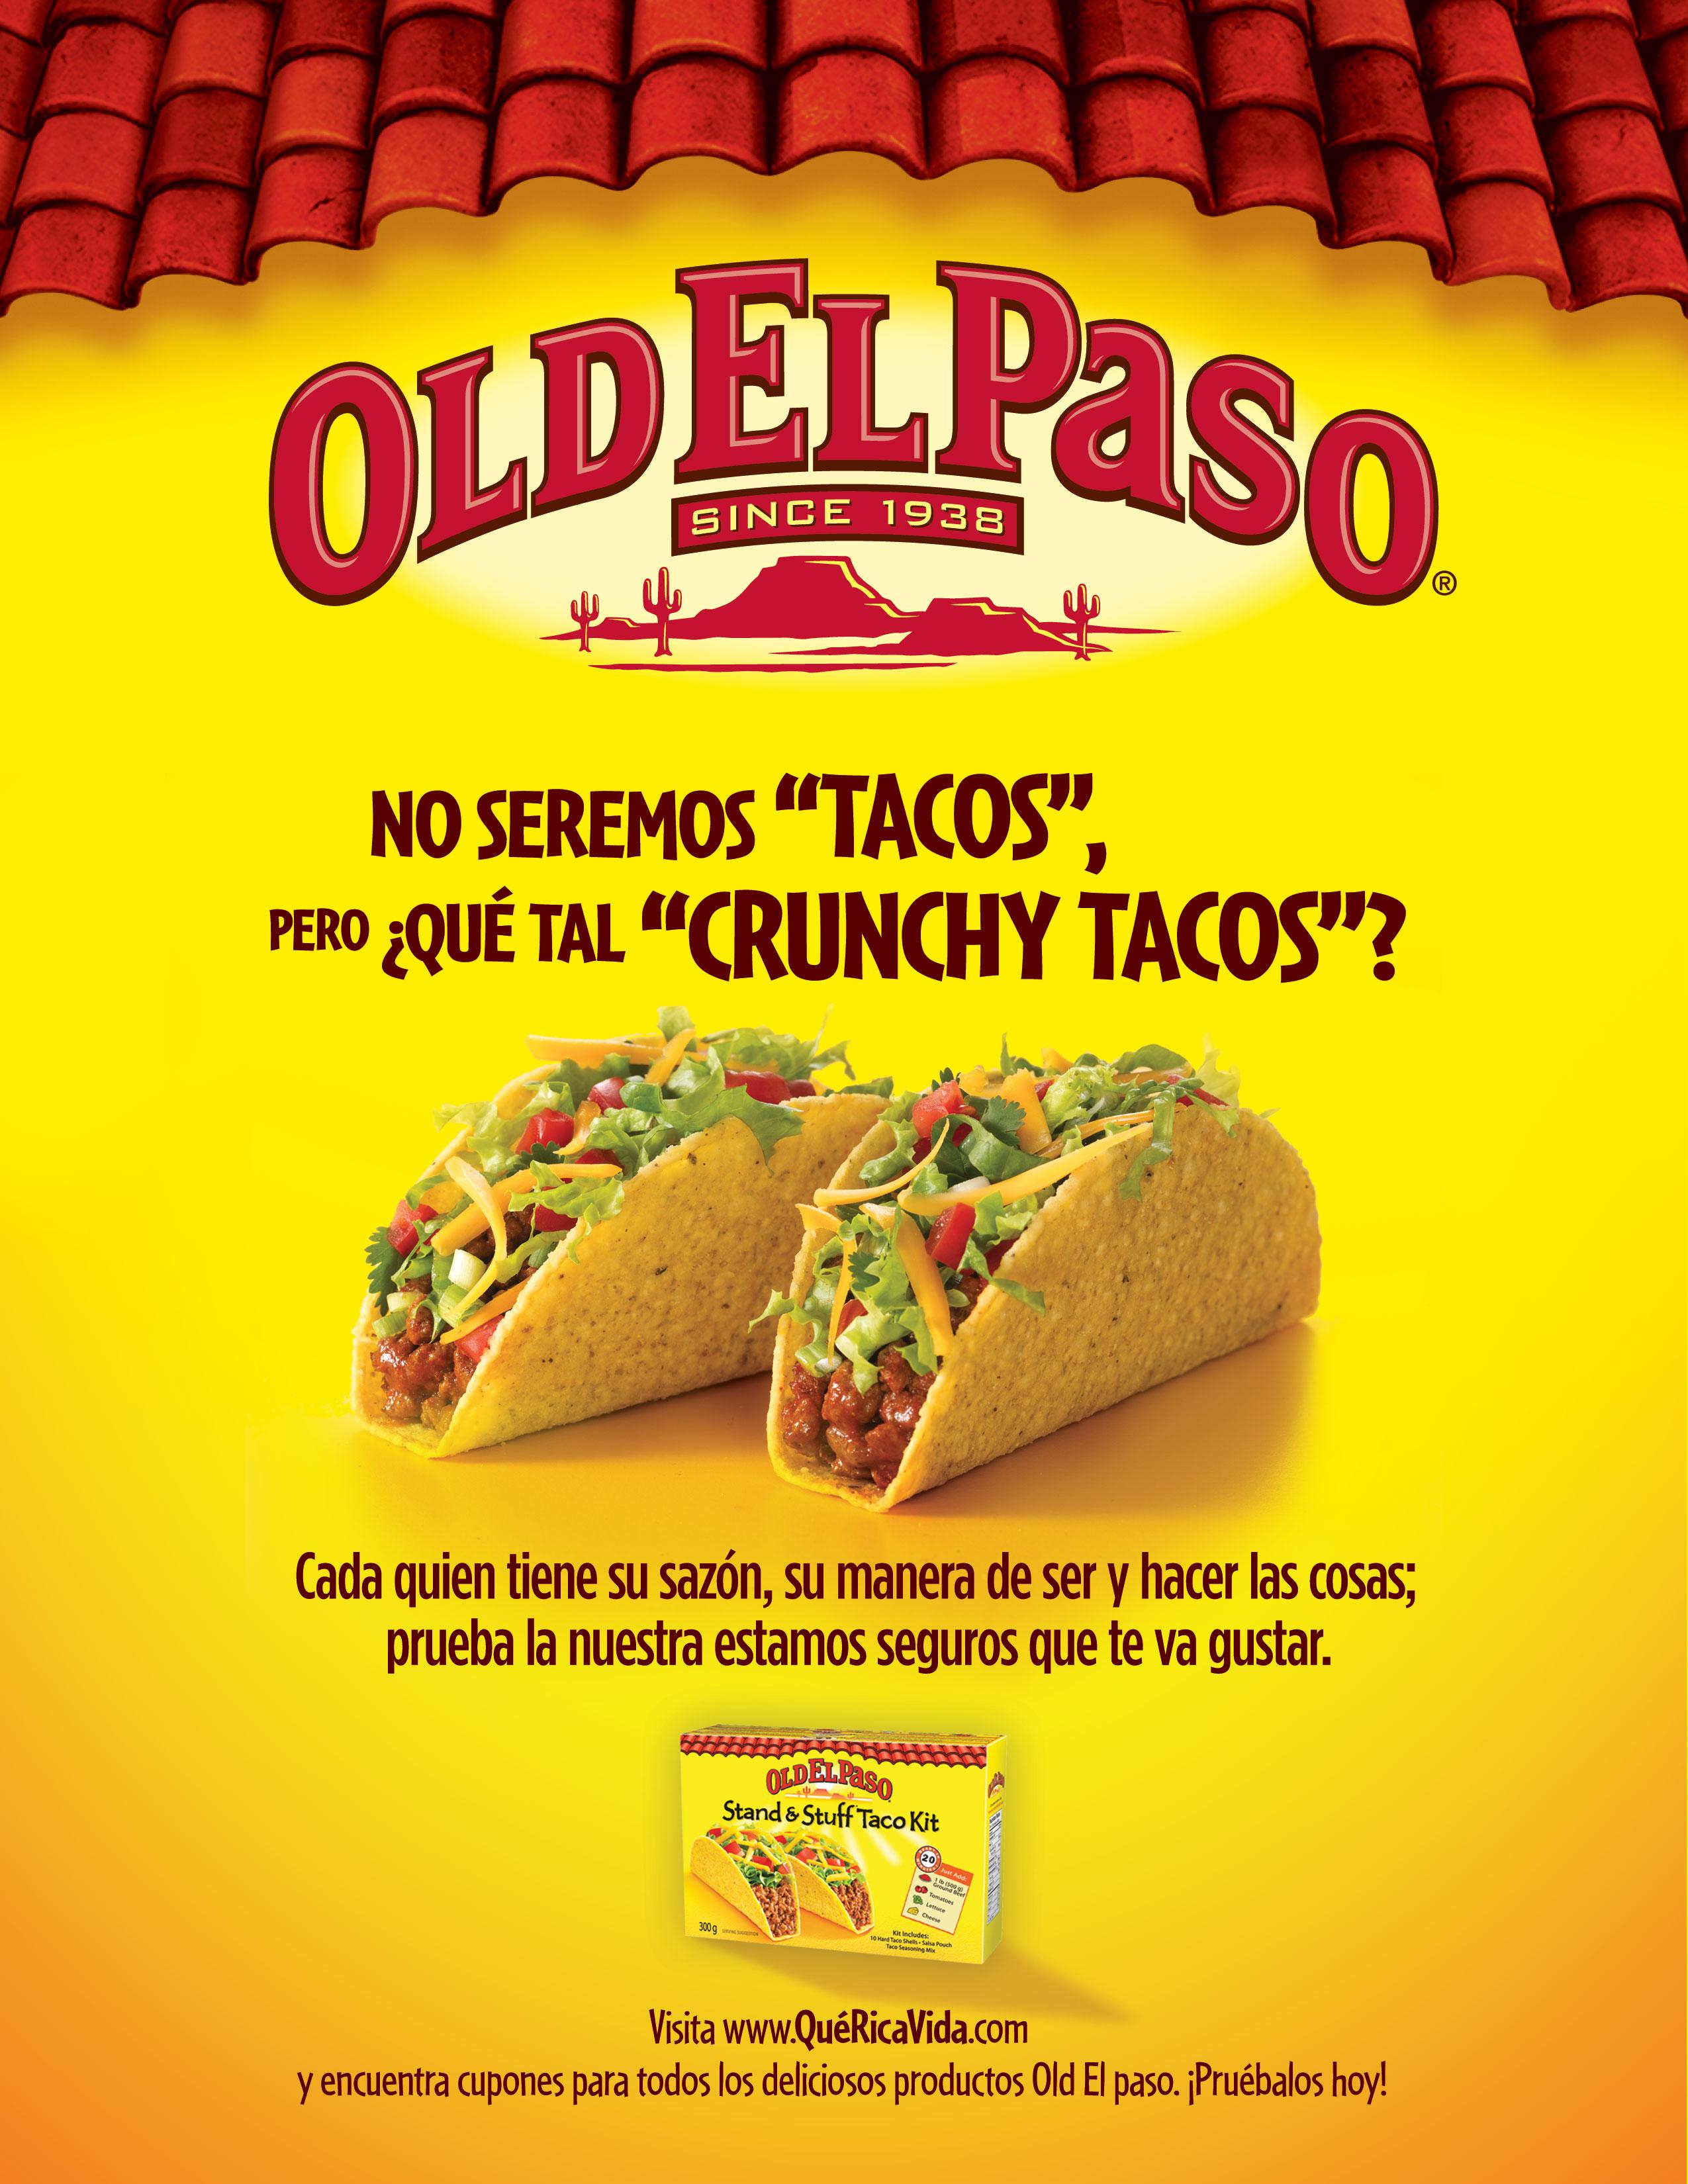 Old El Paso Crunchy Tacos